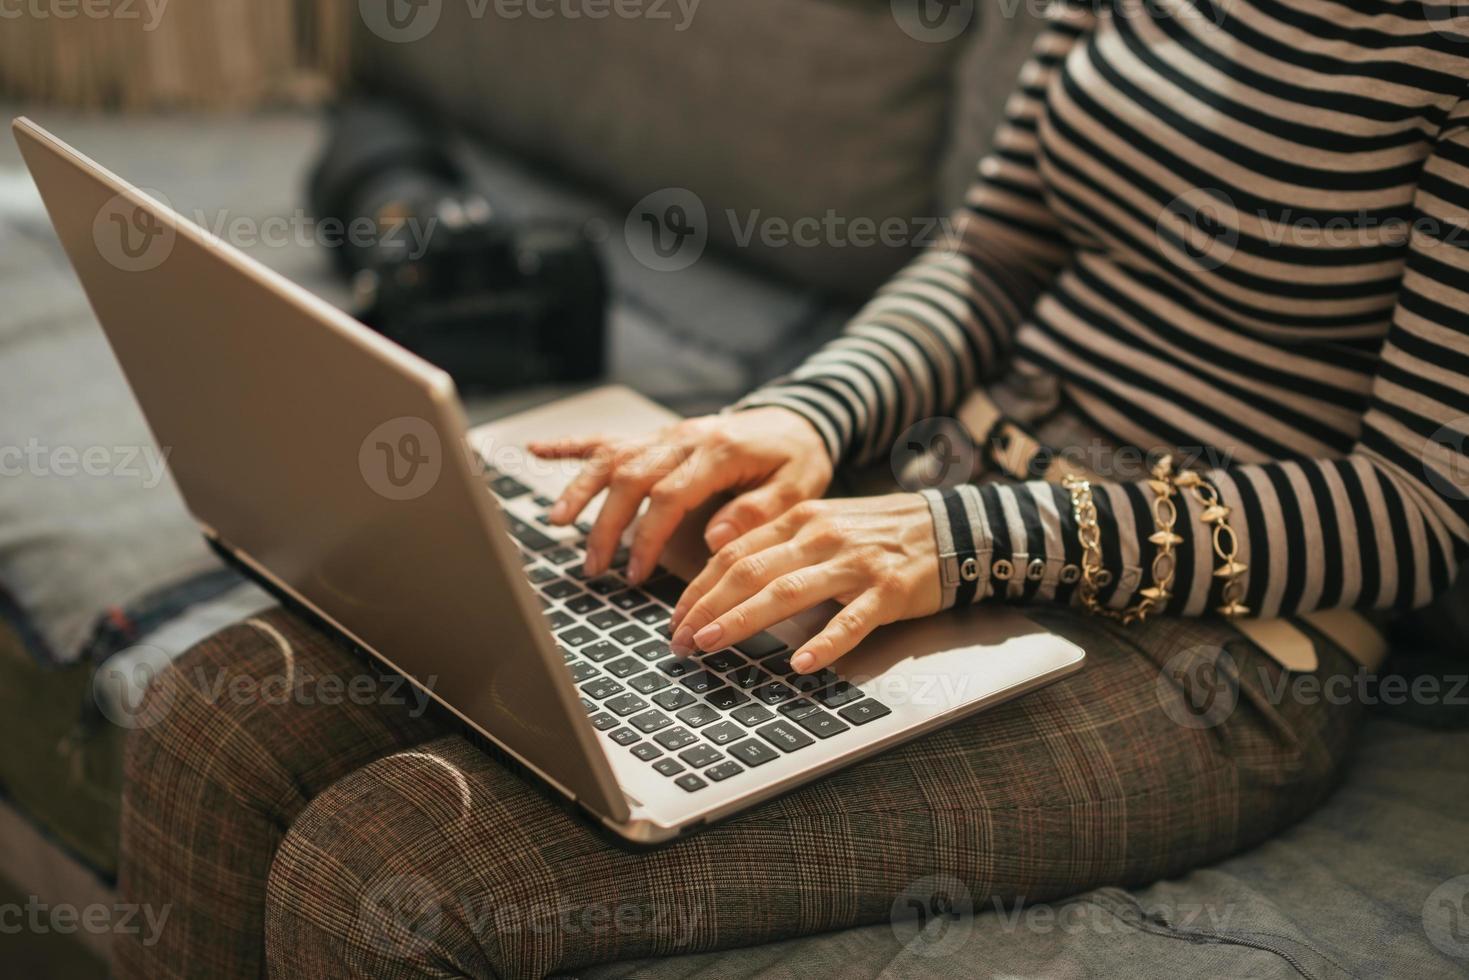 Gros plan sur jeune femme avec appareil photo reflex numérique à l'aide d'un ordinateur portable